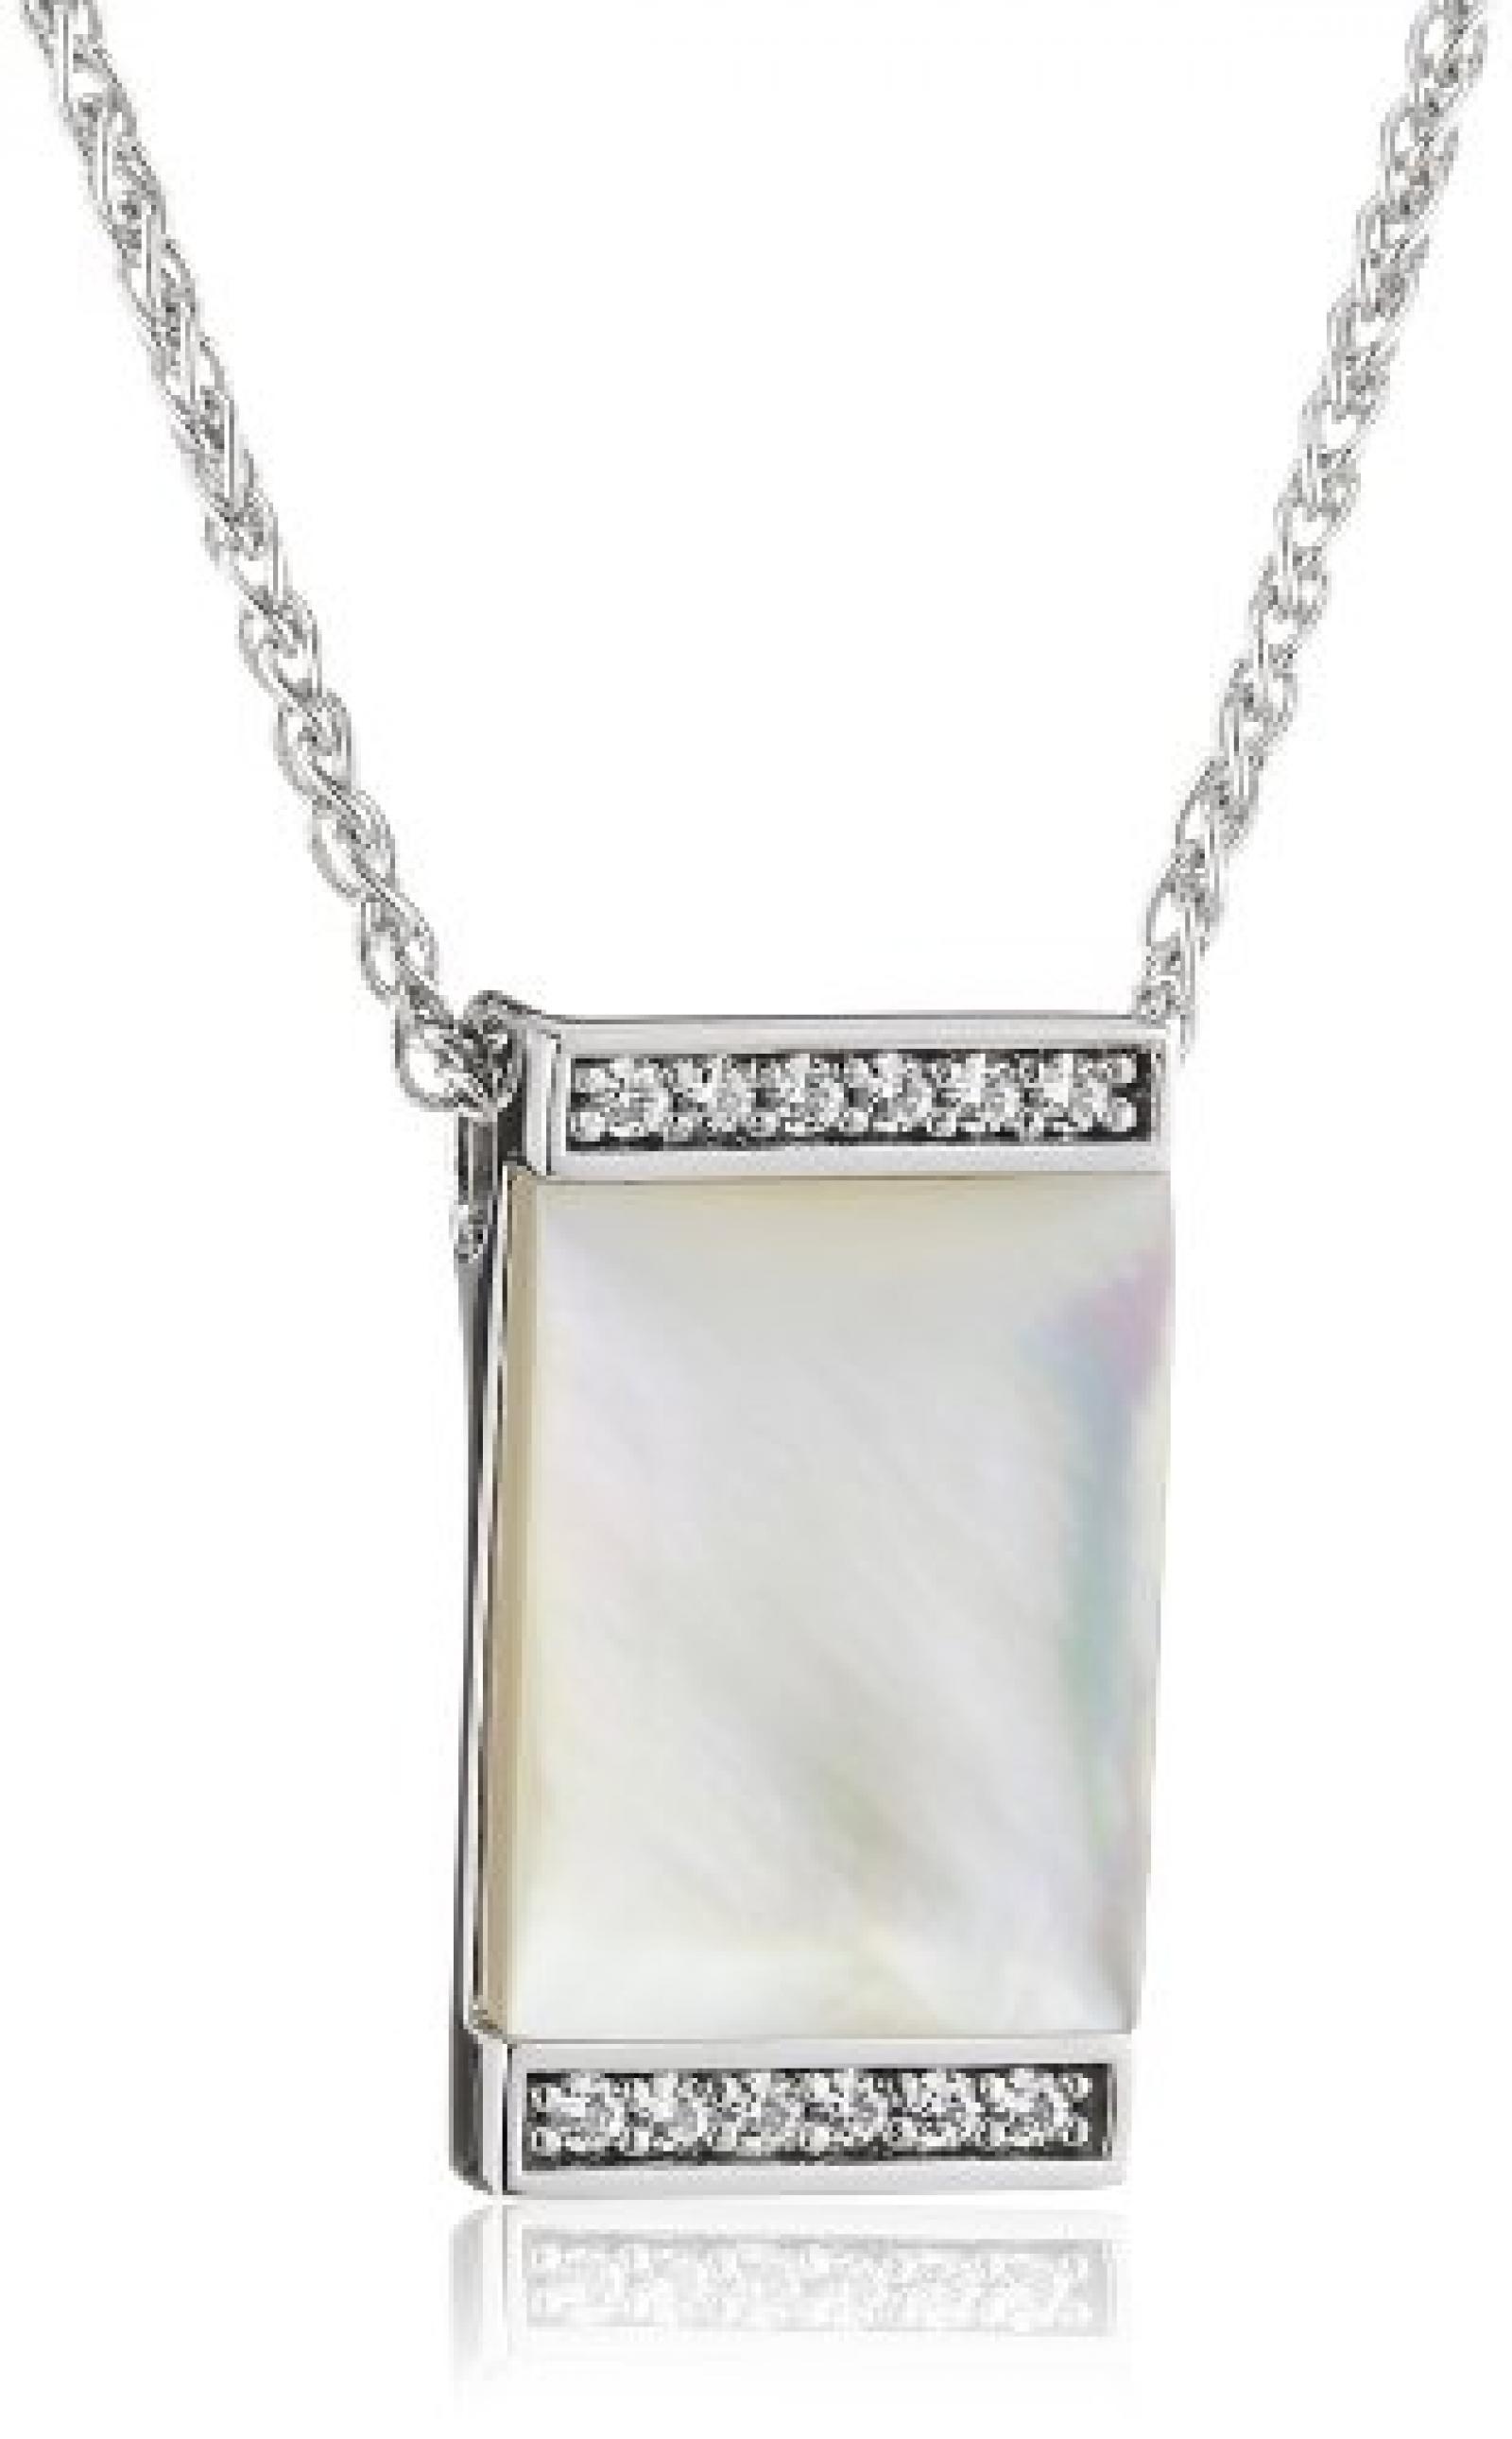 Pierre Cardin Damen Halskette 925 Sterling Silber rhodiniert Kristall Zirkonia Crépuscule 42 cm weiß PCNL90381B420